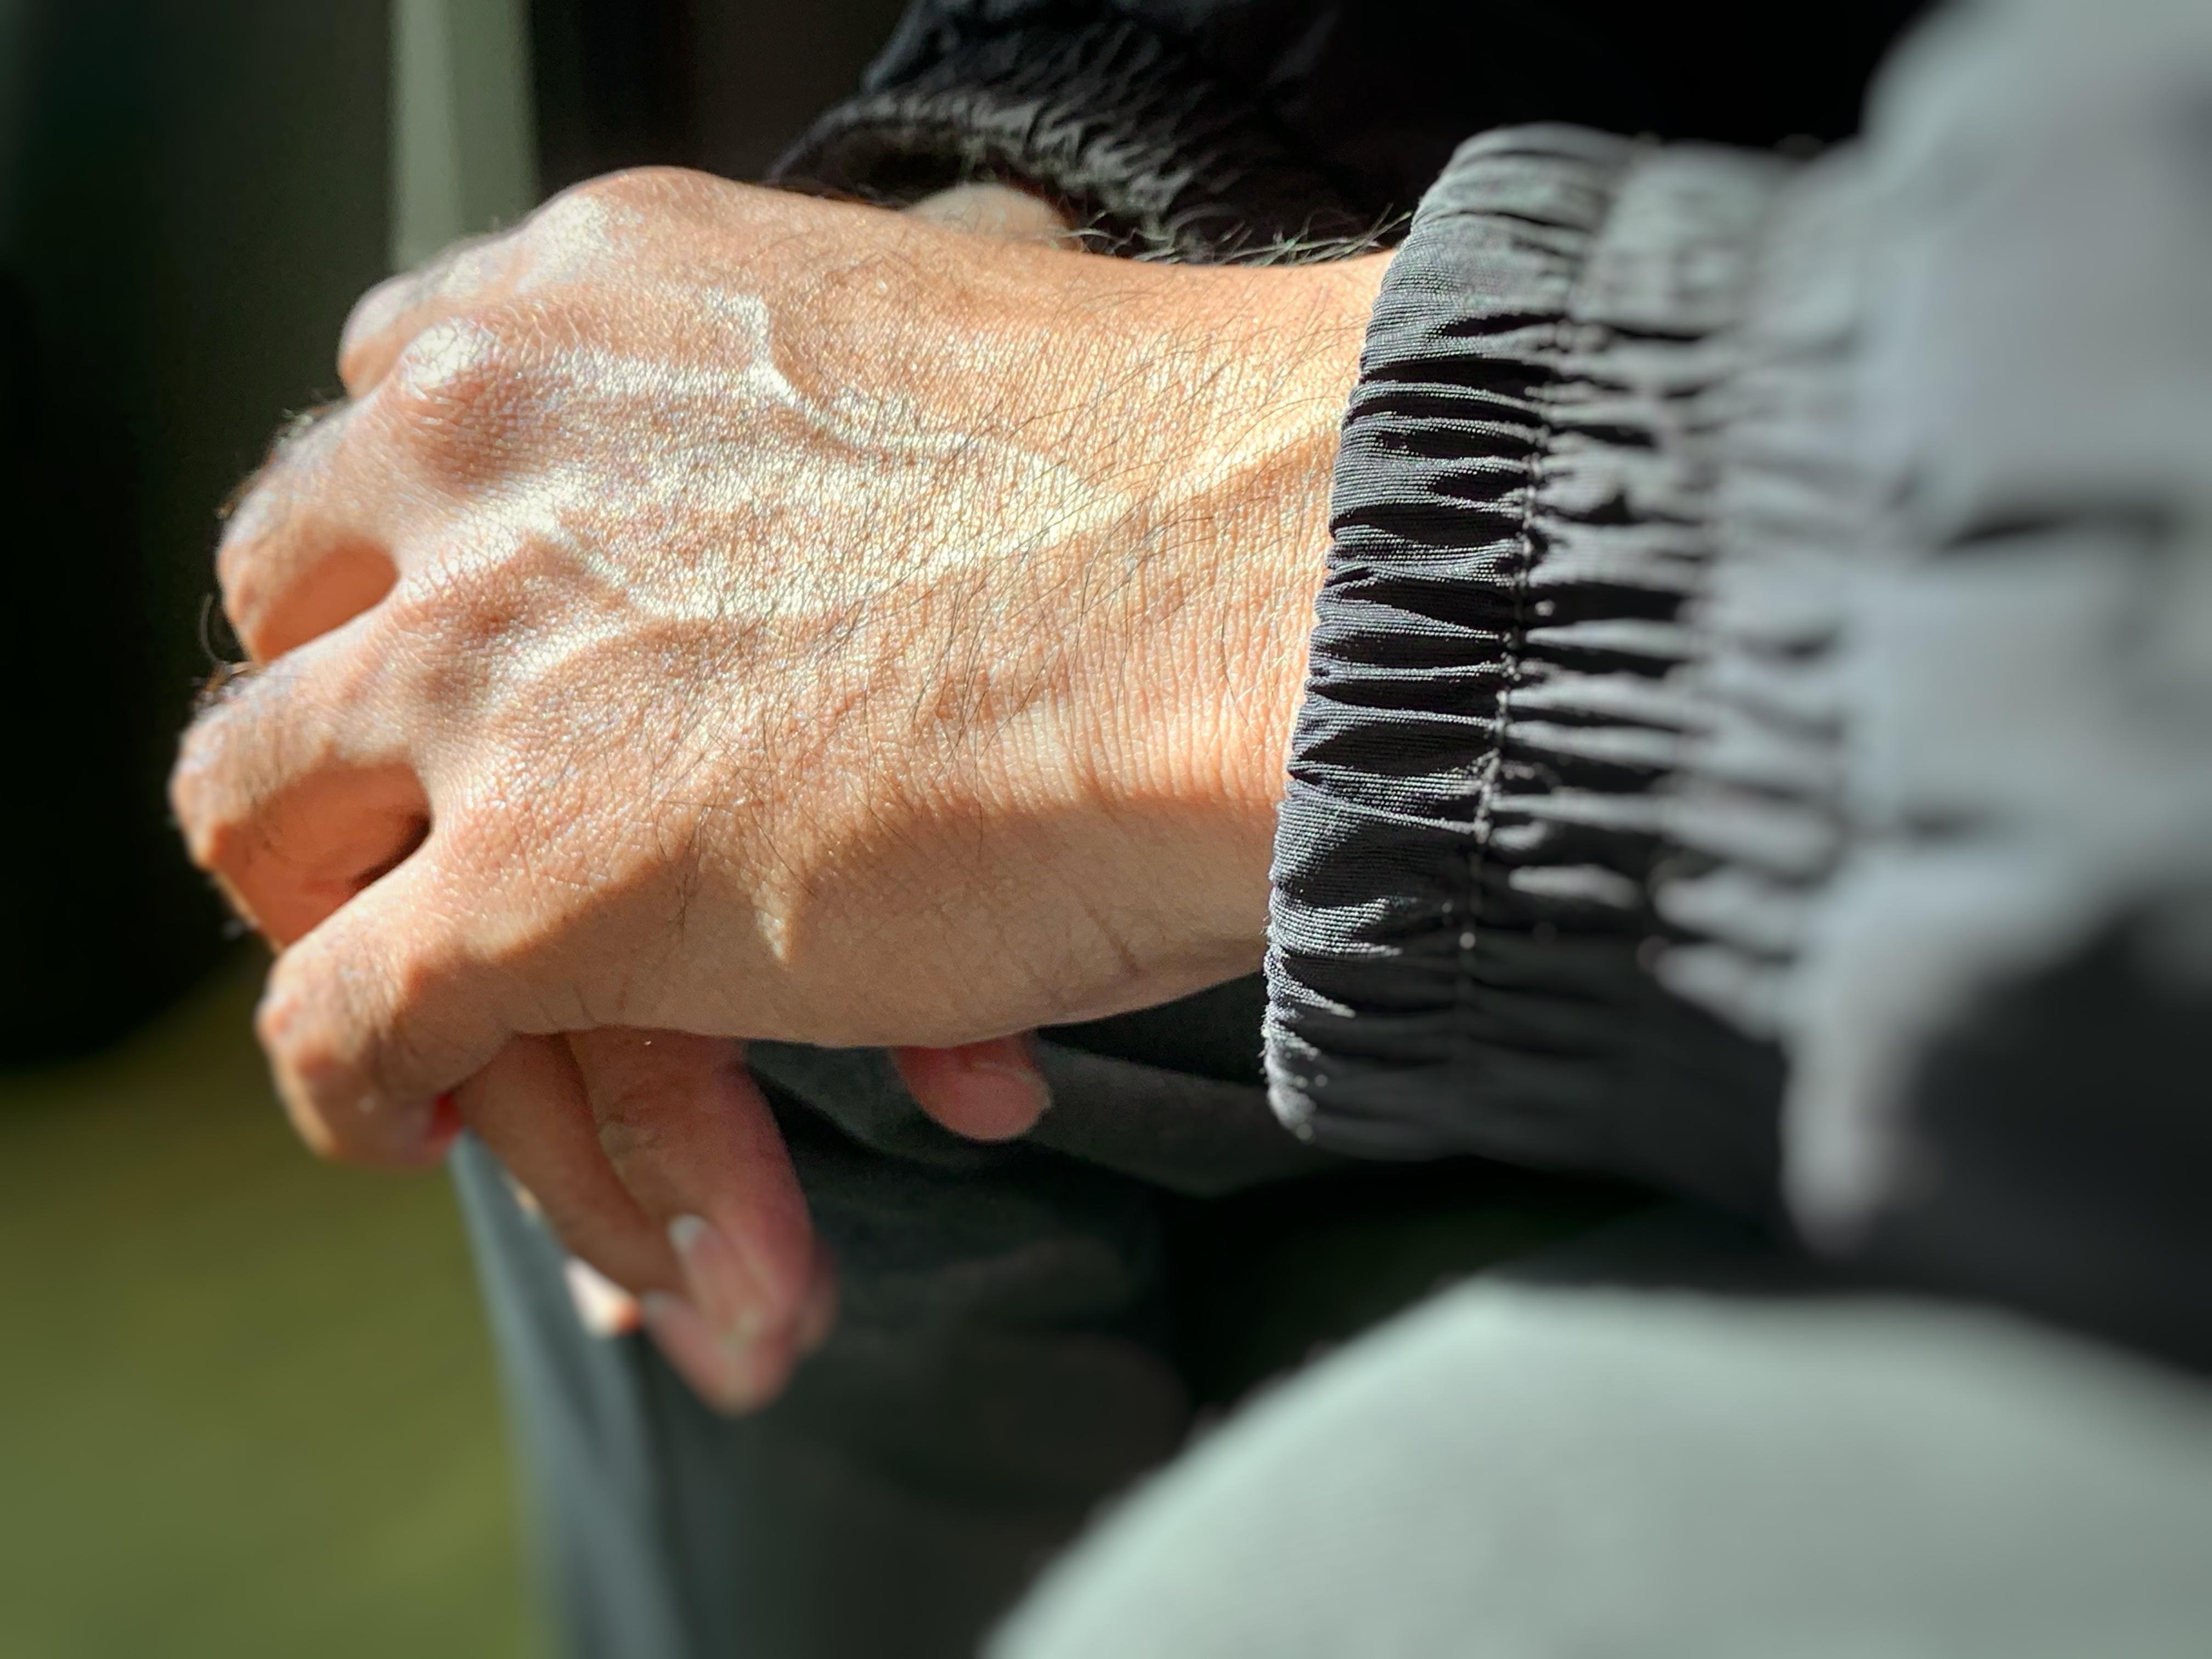 Asylum seeker's hands